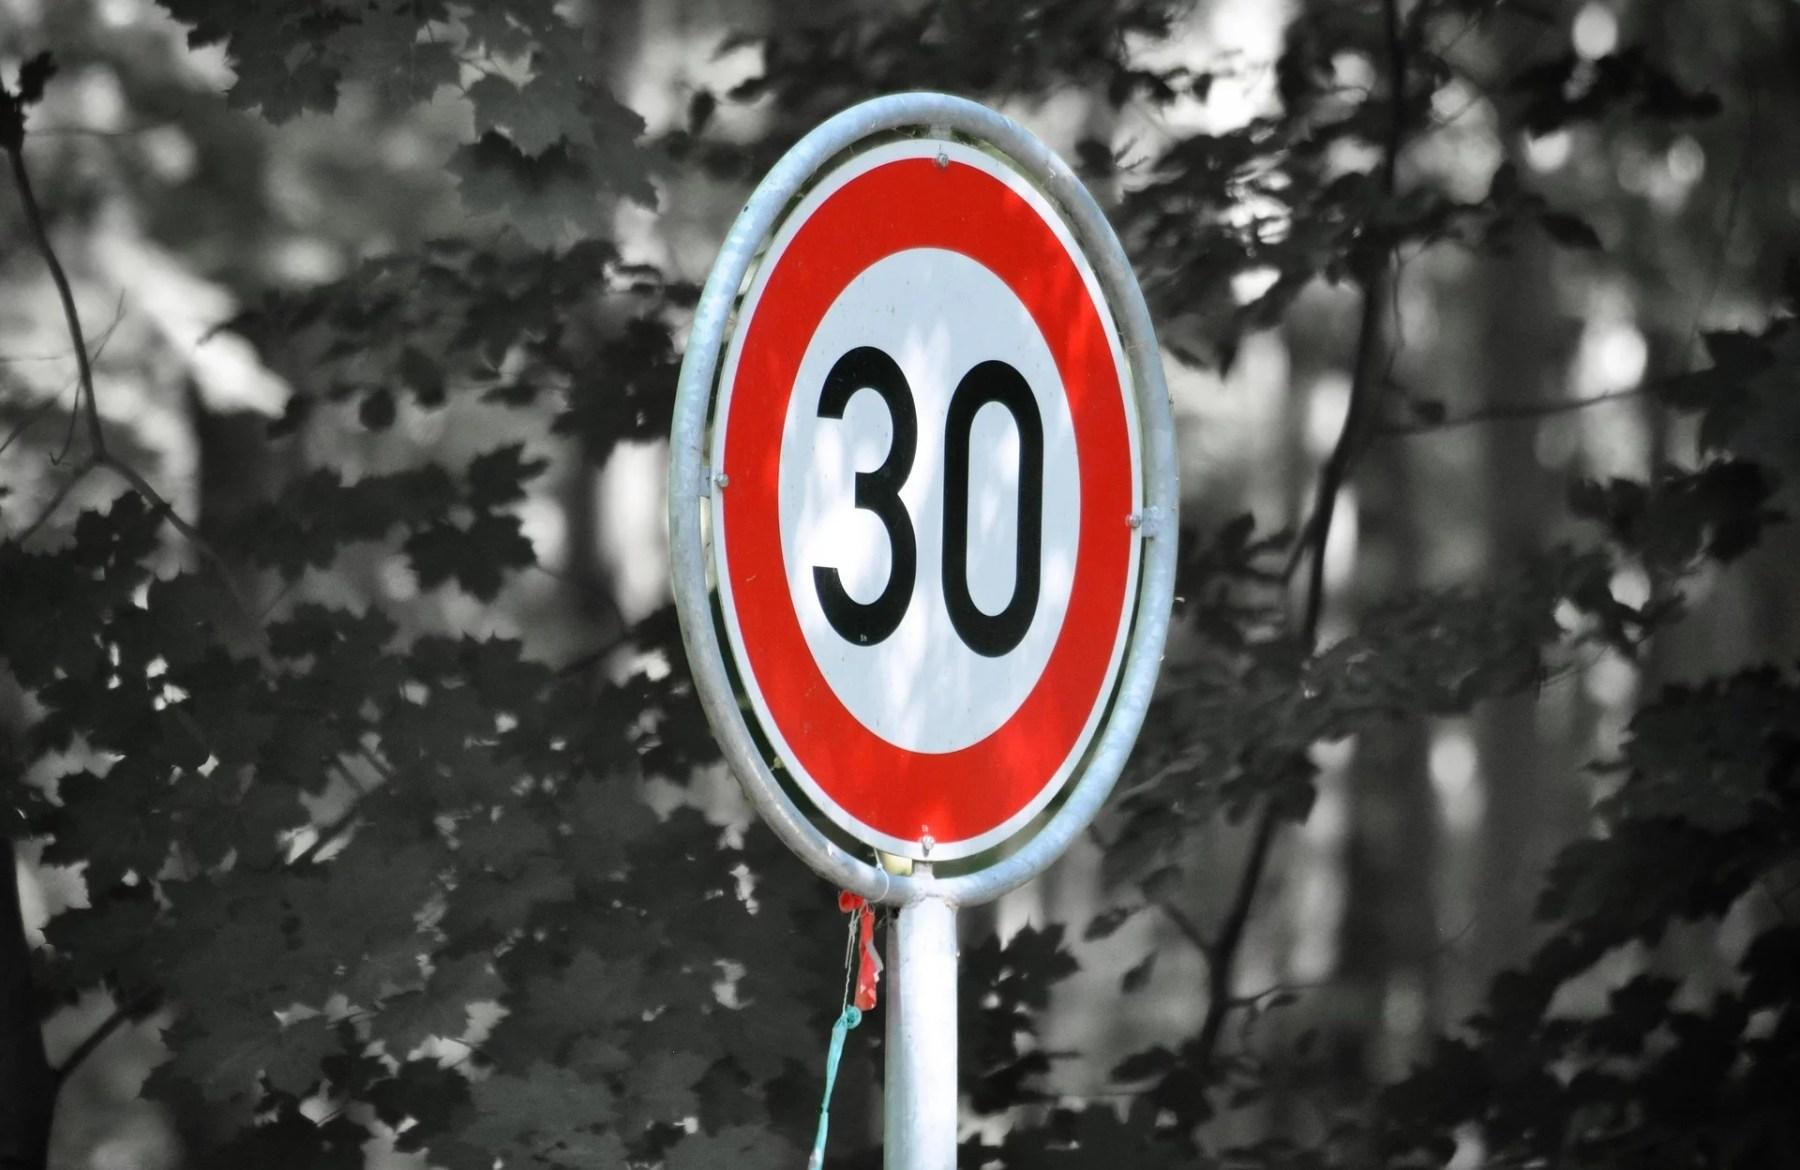 Zone 30 : 90 petites secondes pour une meilleure qualité de vie